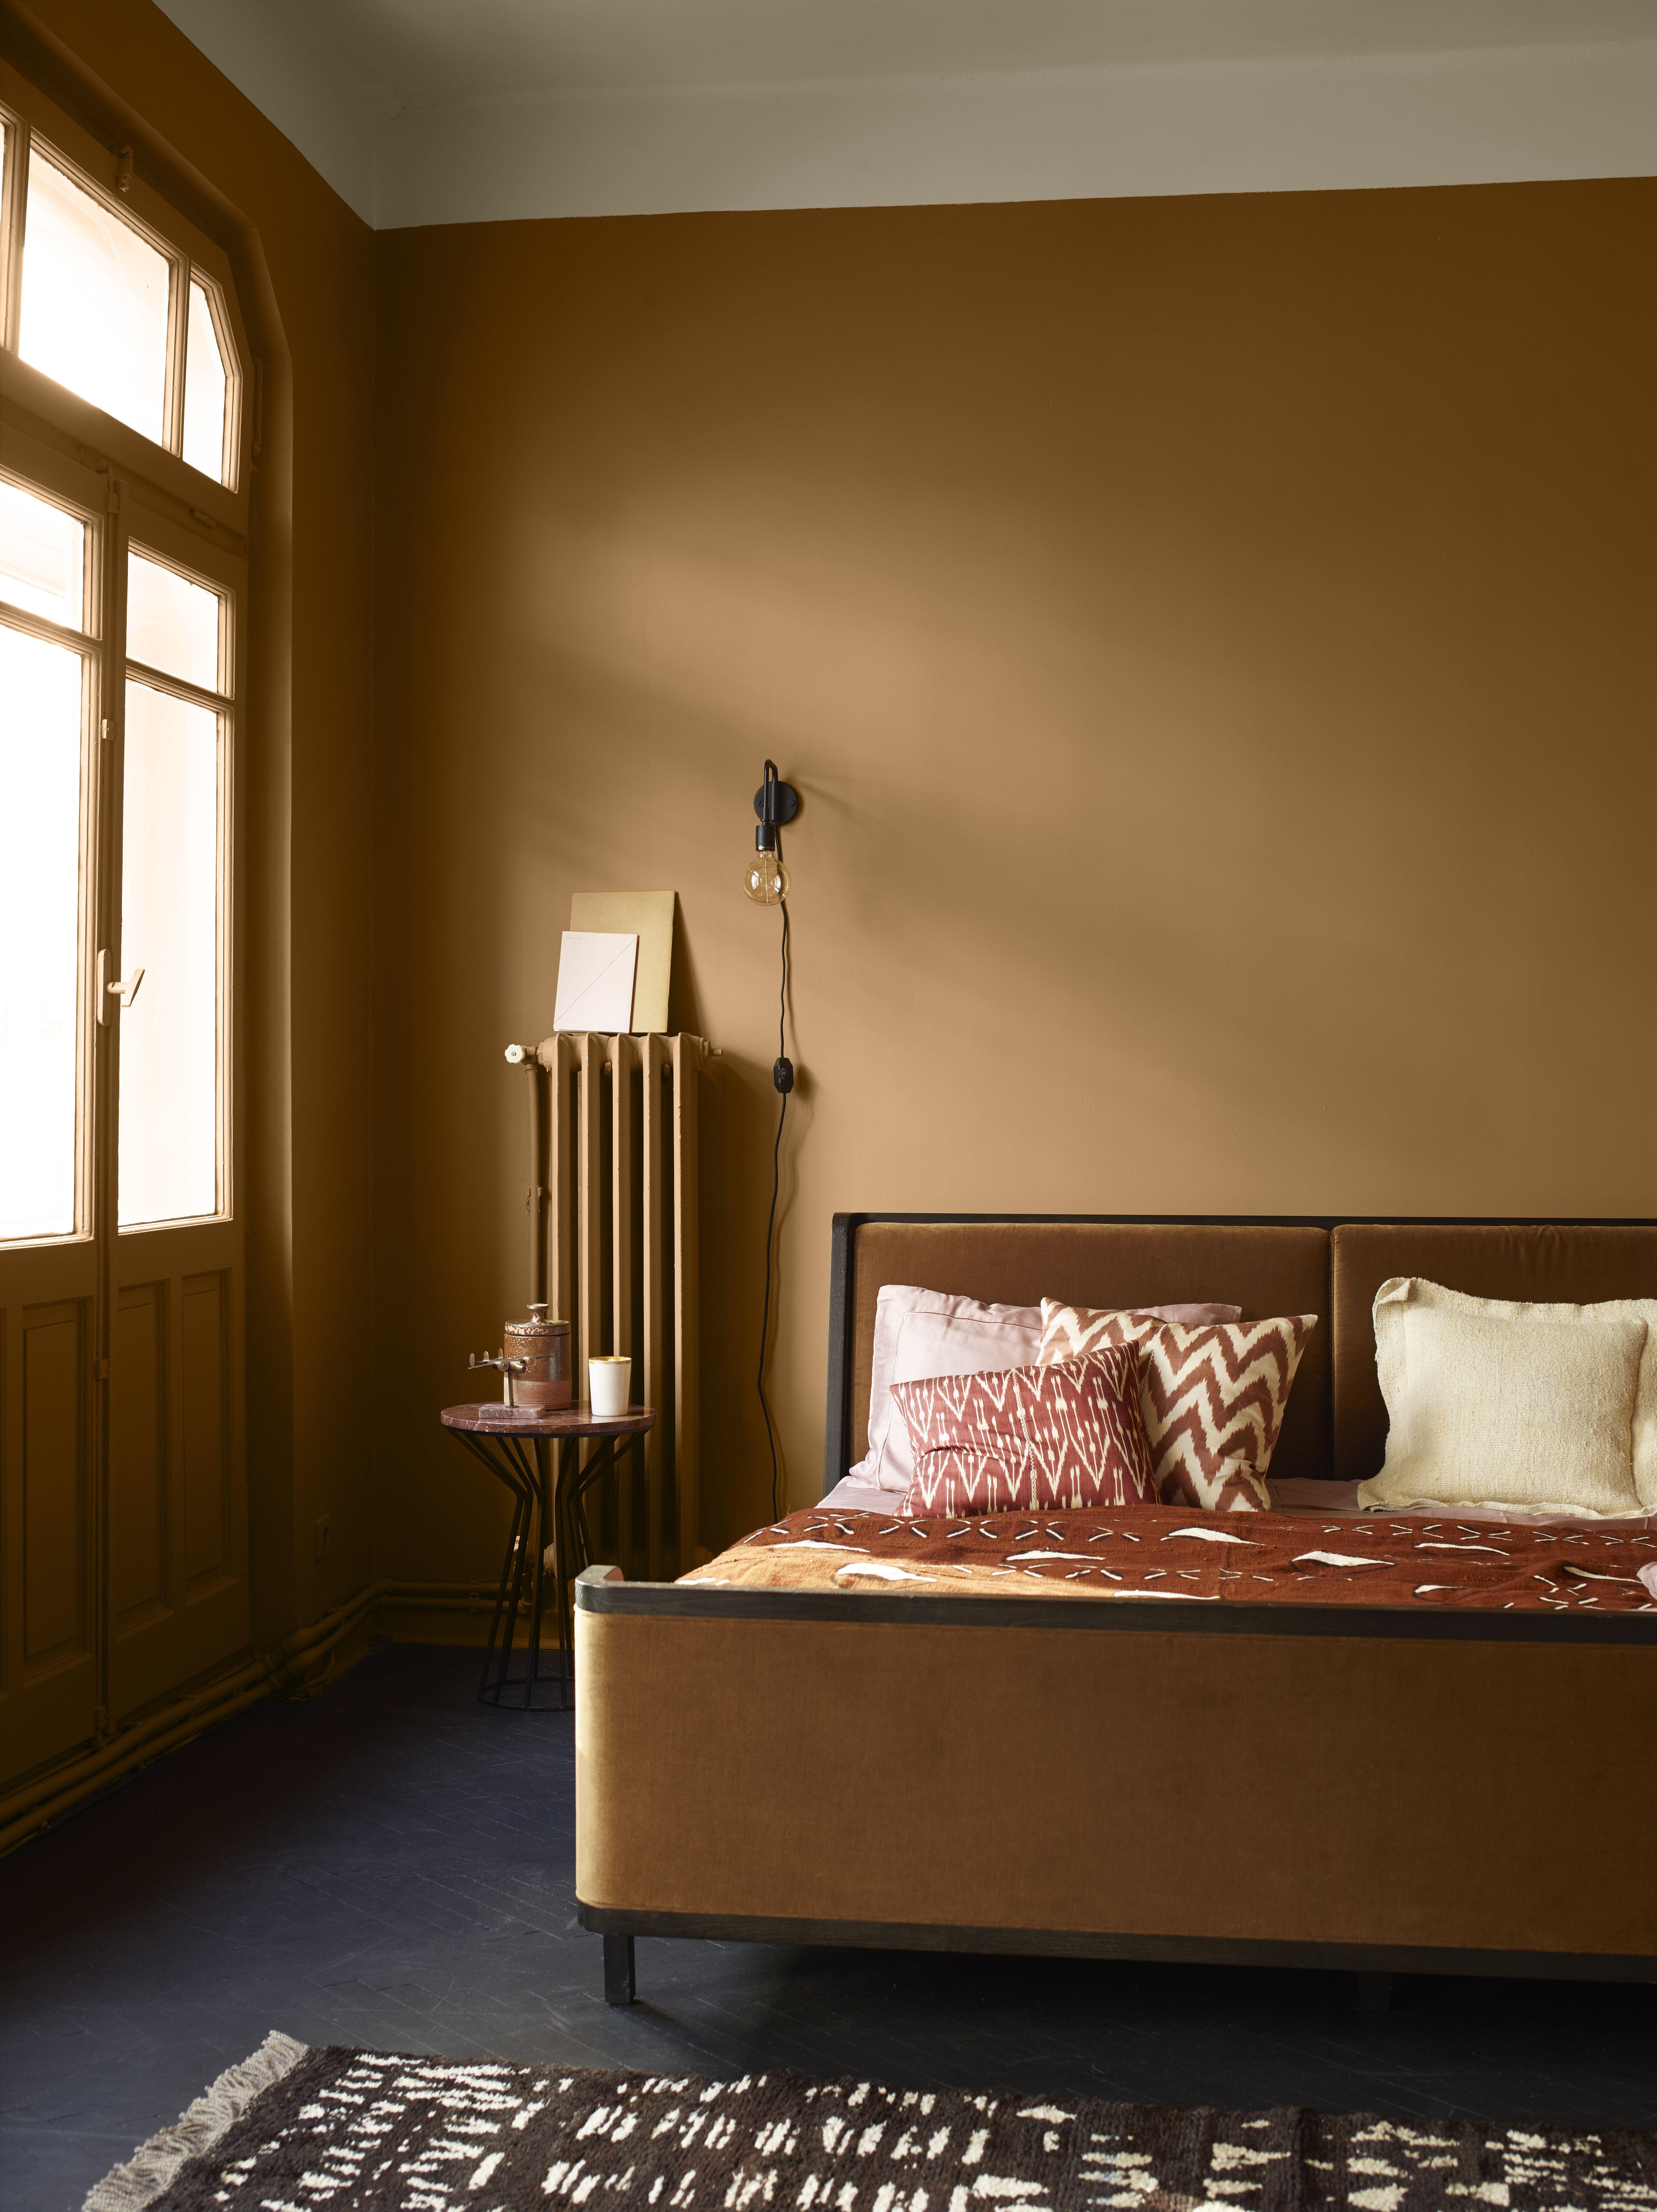 Los Colores Marrones Y Tonos Tierra Combinan Con Todo Tipo De Estilos Y Colores De Casas Interiores Combinaciones De Colores Del Dormitorio Colores Para Casas